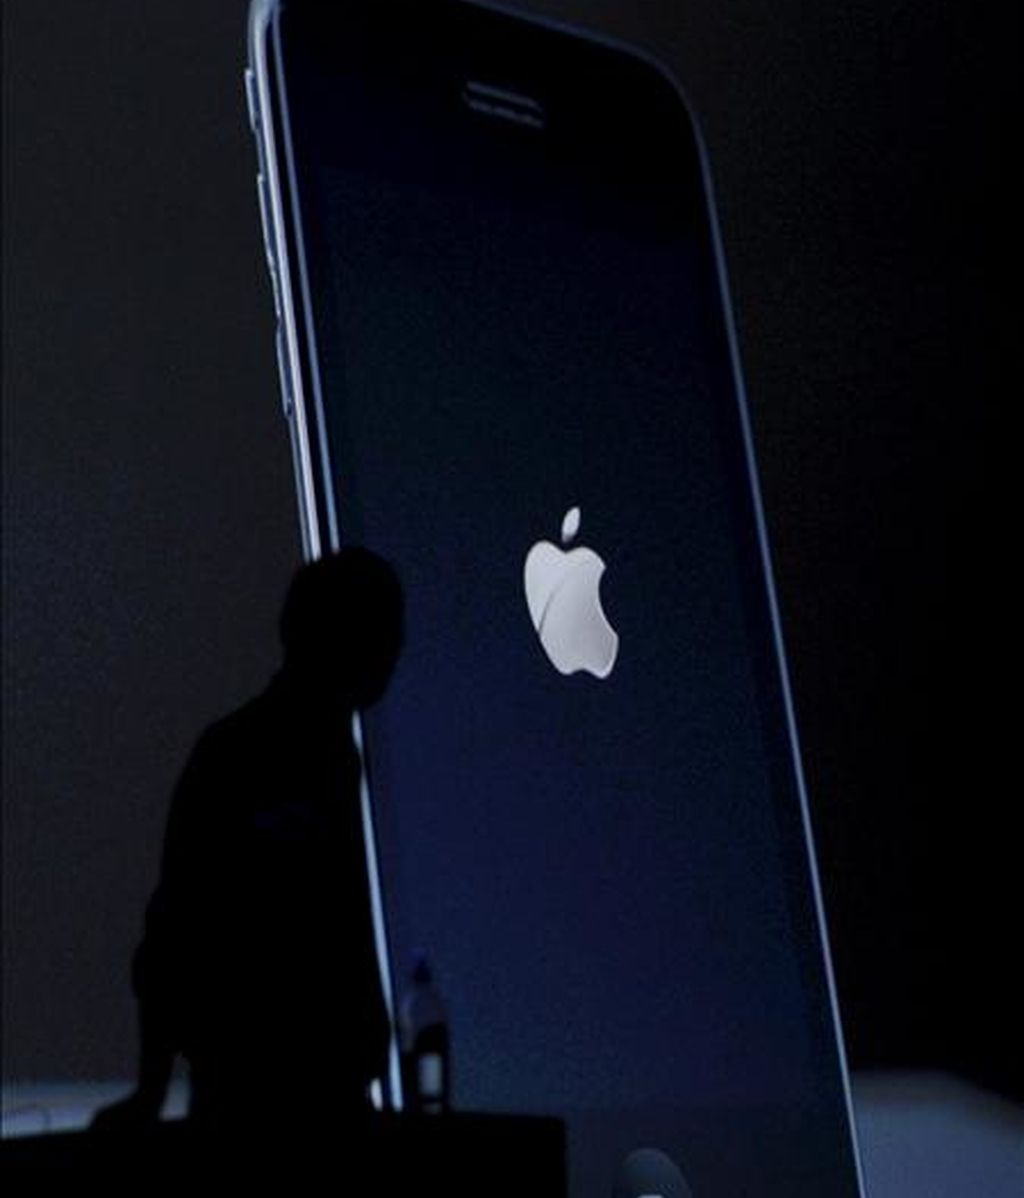 Con el avance de hoy, Apple, dirigida por Steve Jobs, terminó con una capitalización bursátil de 302.320 millones de dólares, lo que supone la primera vez que esta compañía supera los 300.000 millones de dólares de capitalización. EFE/Archivo